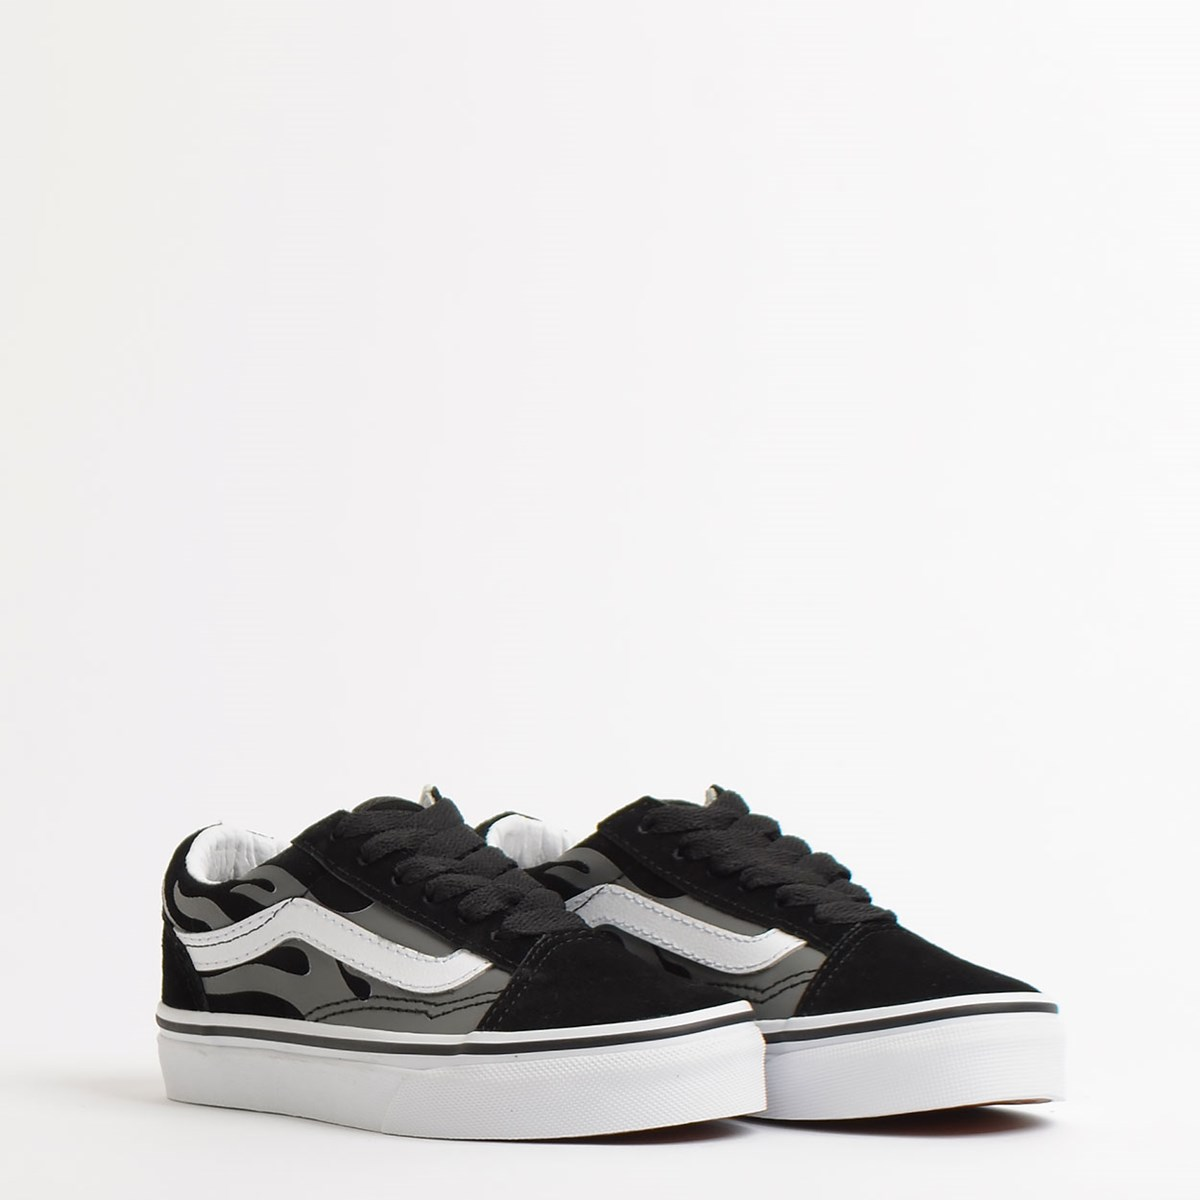 Tênis Vans Kids Old Skool Suede Flame Black True White VN0A4BUUWKJ